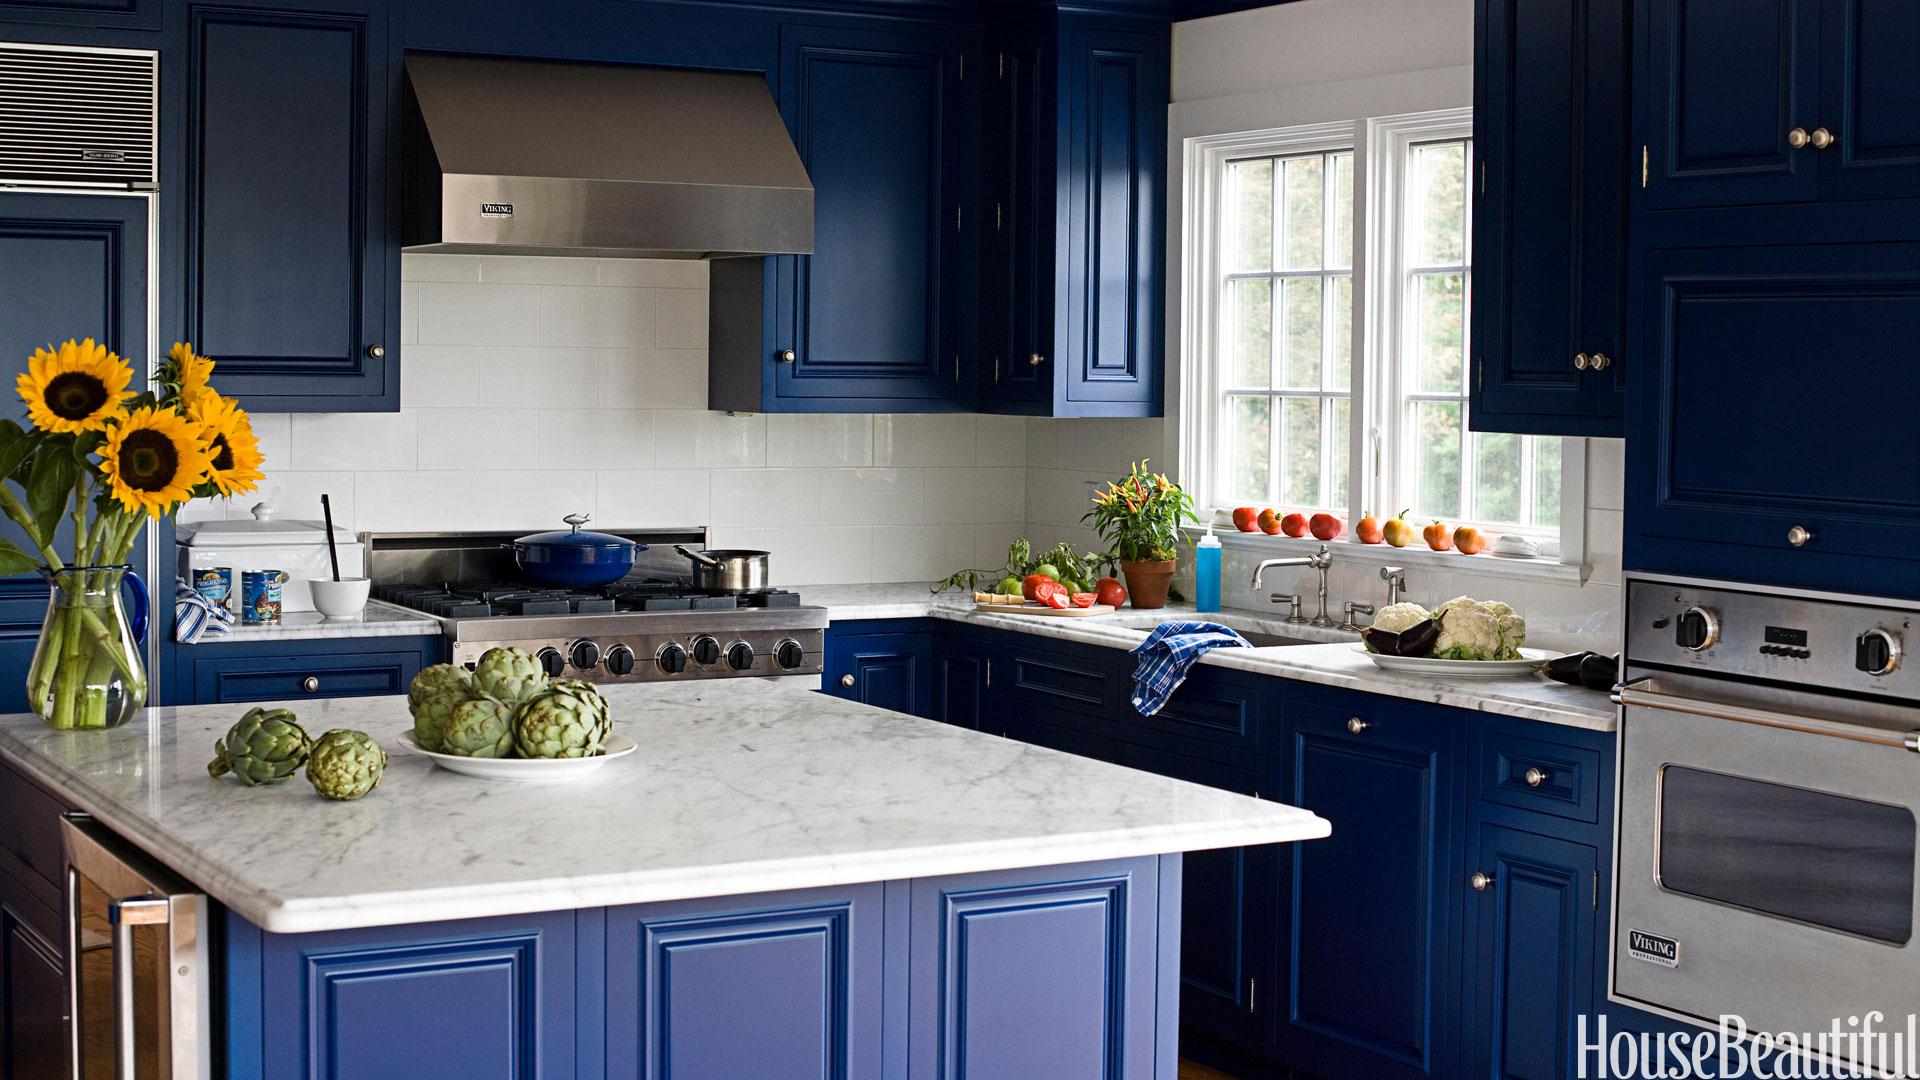 kitchen color schemes 25+ best kitchen paint colors - ideas for popular kitchen colors RLKQNEN